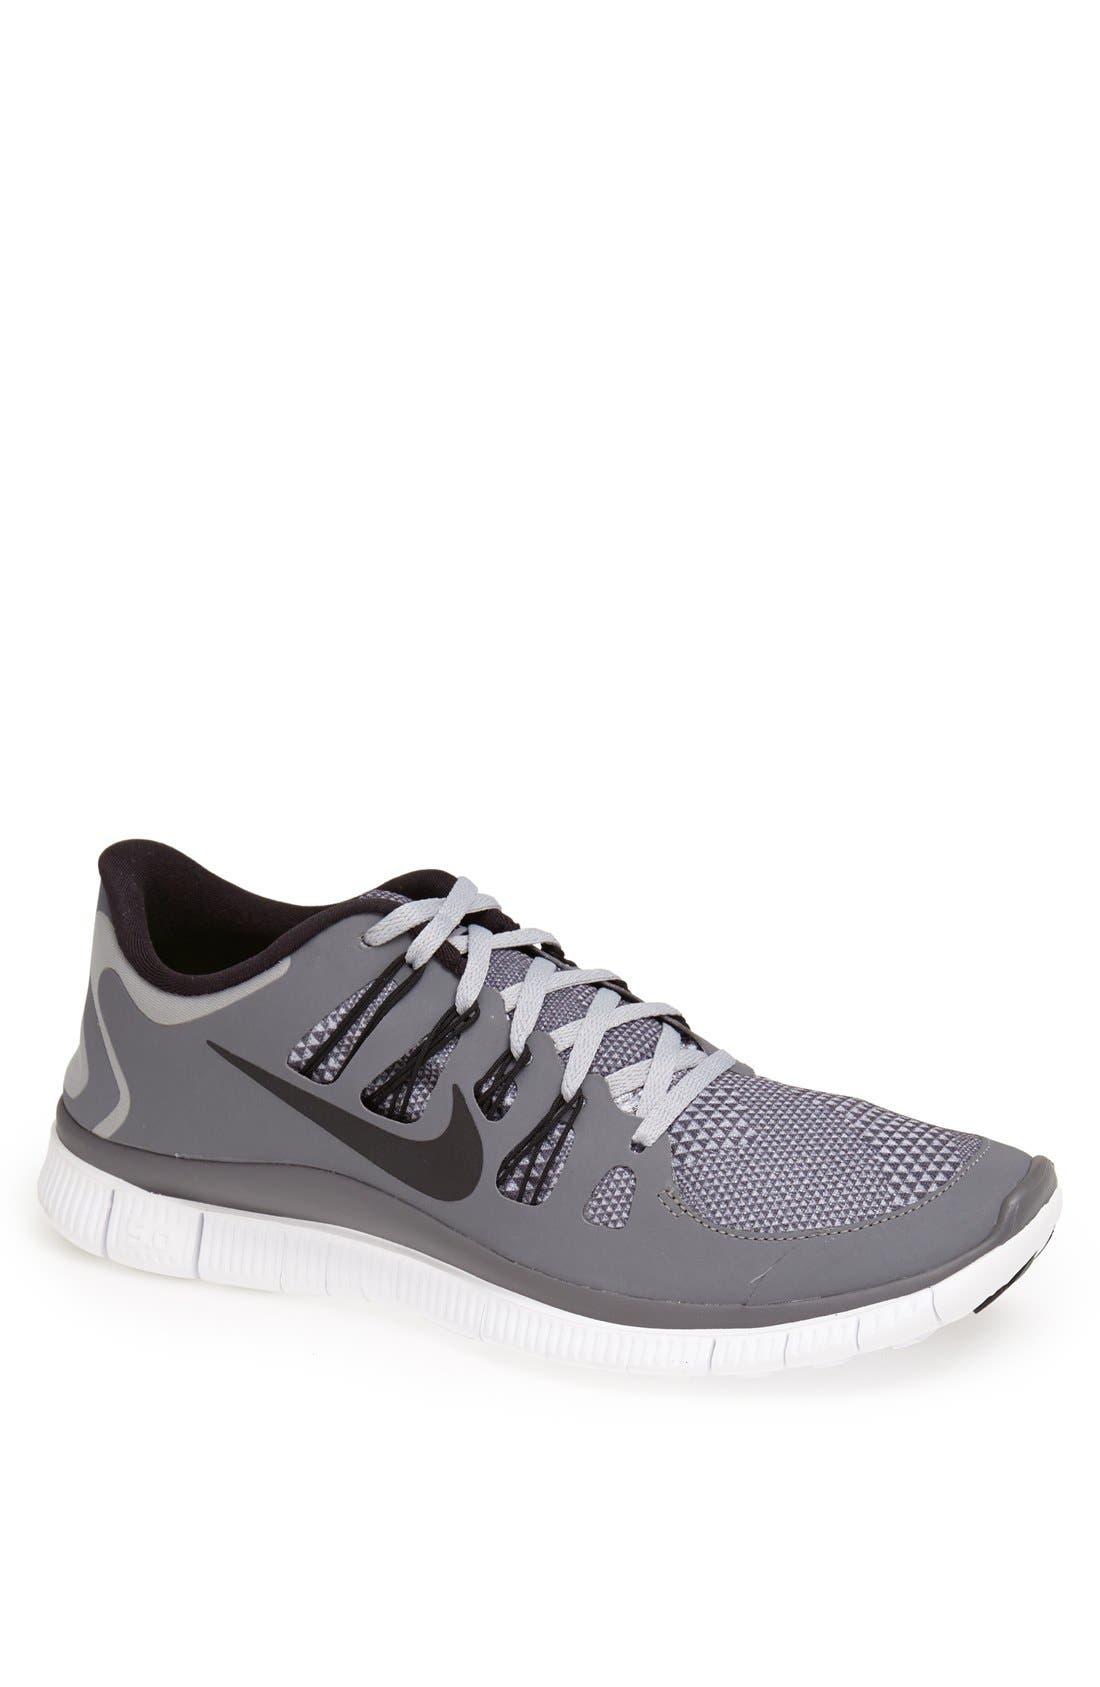 Nike Libre Chaussure De Course 5,0 Prm (femmes) Carte Nordstrom